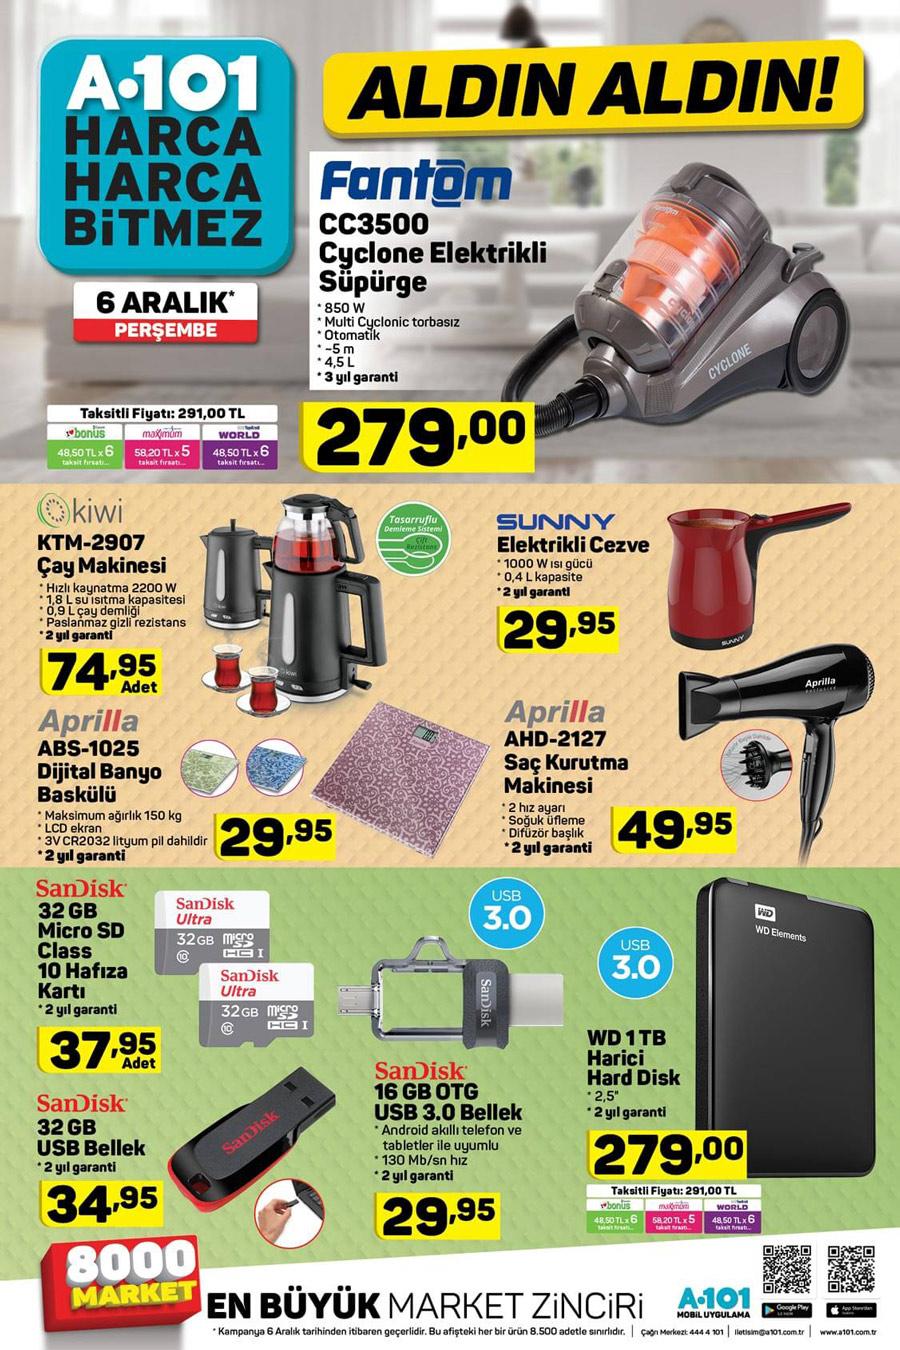 A101 6 Aralık Elektronik Aktüel Ürünleri